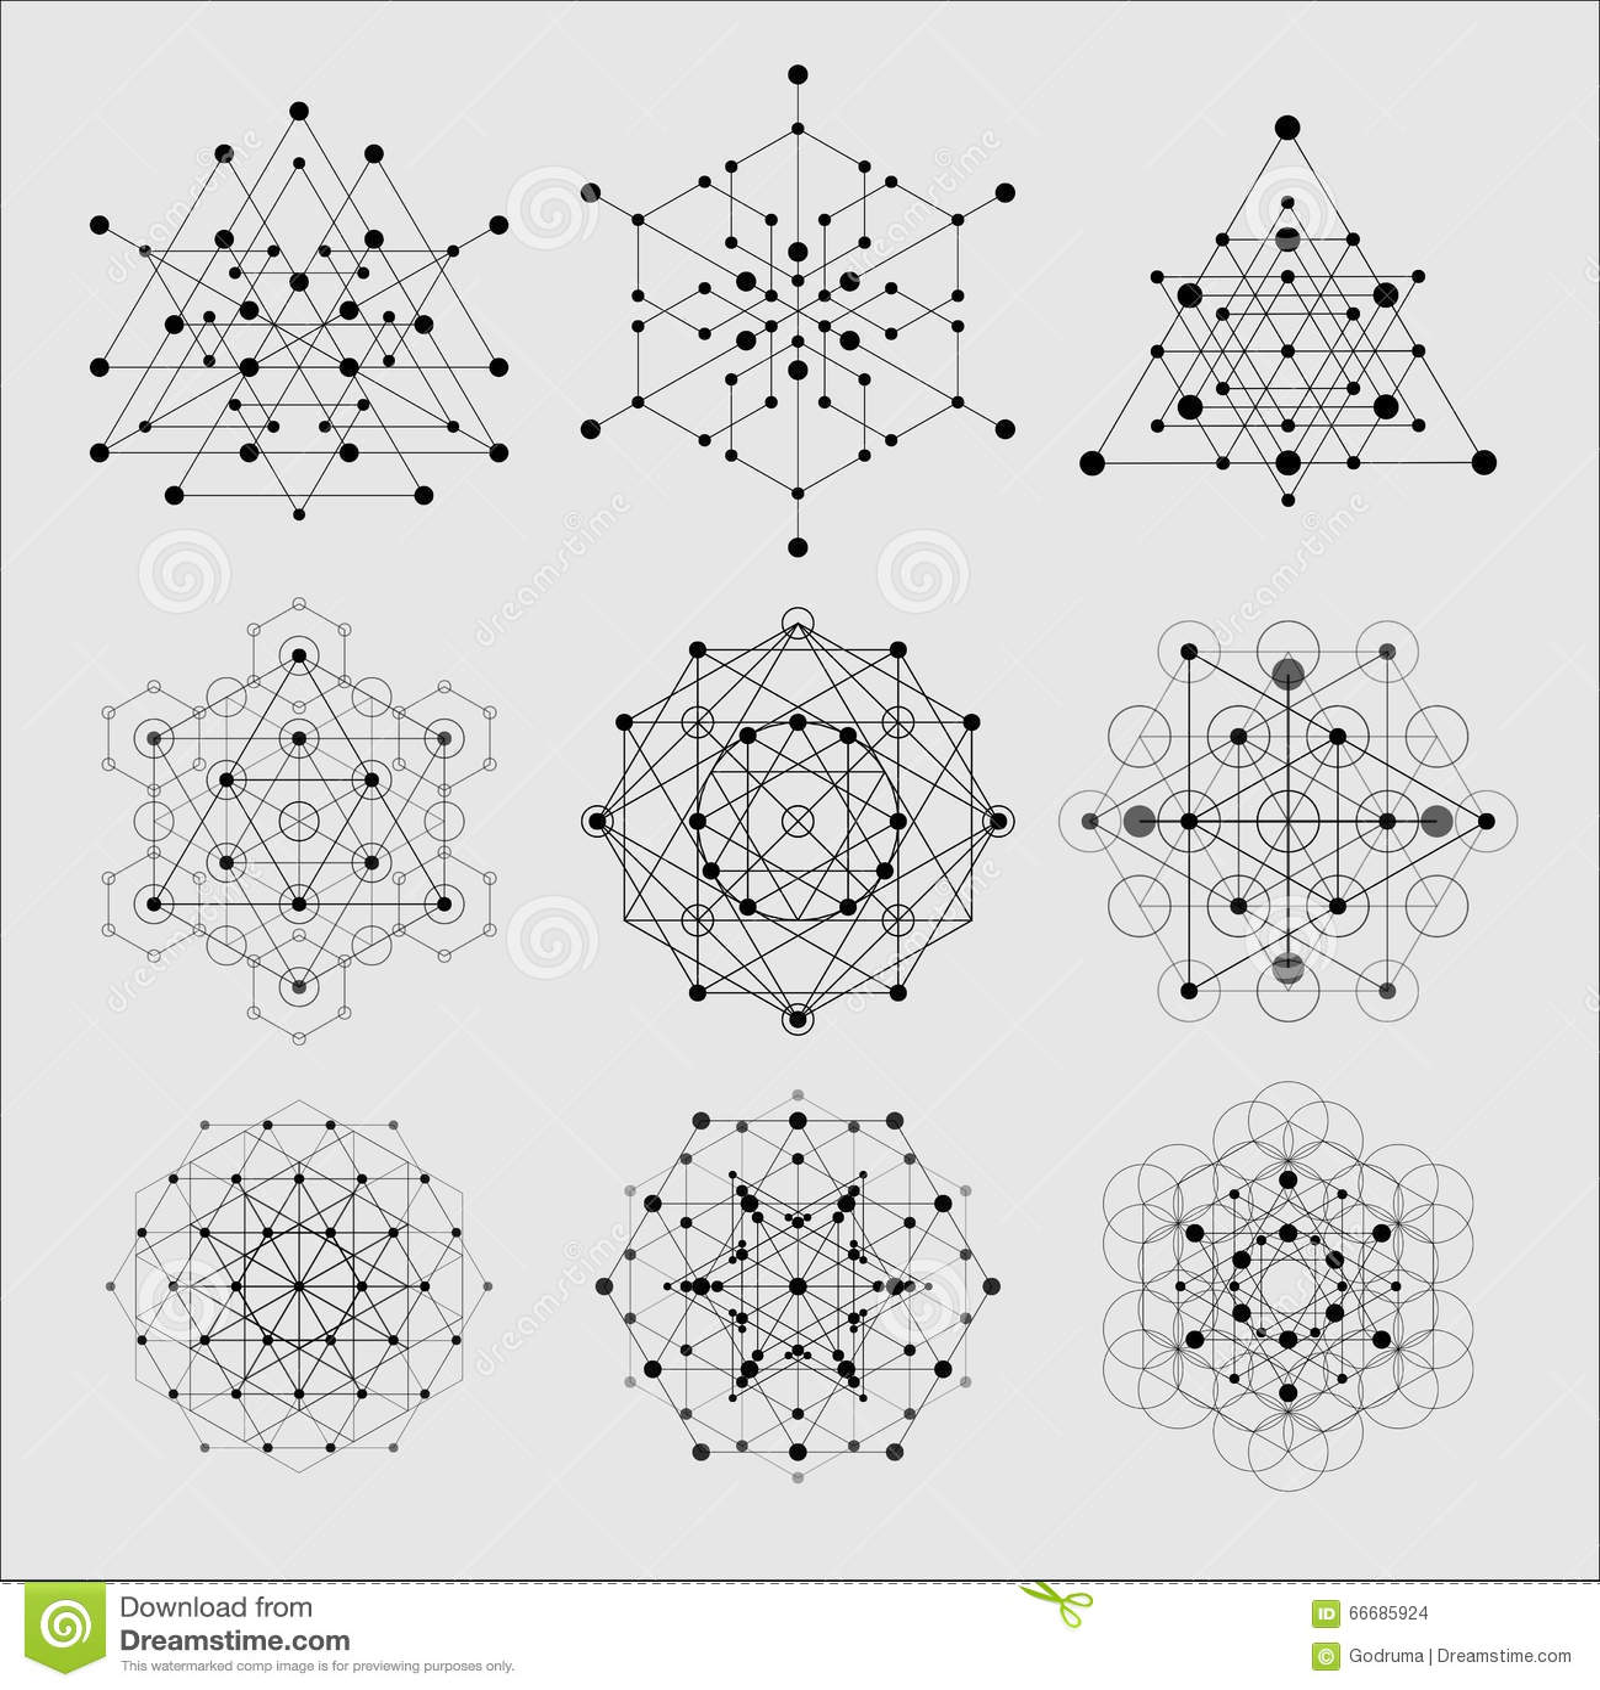 Elementos sagrados del diseño del vector de la geometría Alquimia, religión, filosofía, espiritualidad, símbolos del inconformist